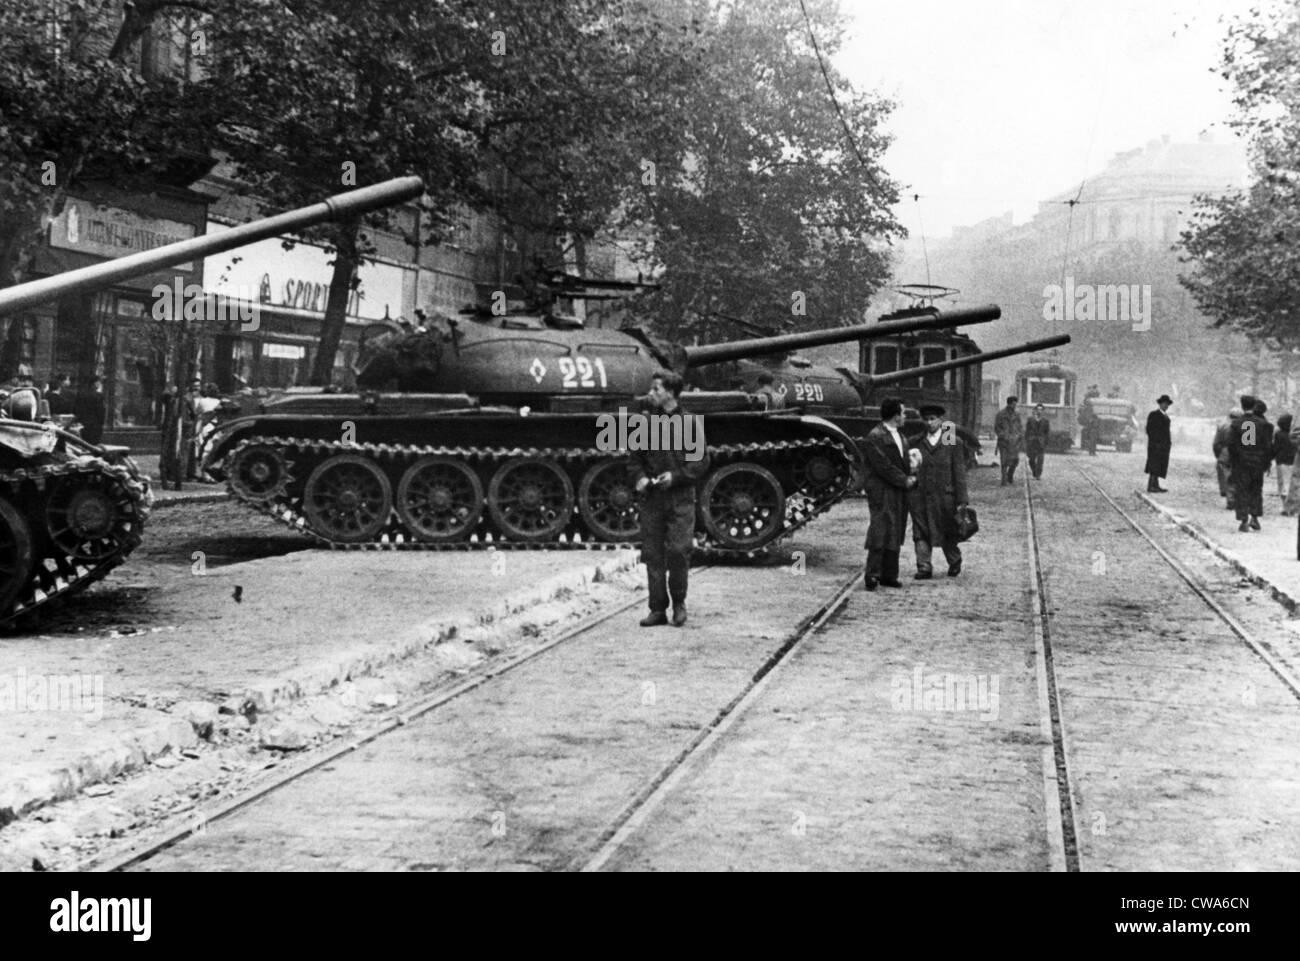 Los tanques rusos ocupando Budapest, durante la Revolución húngara de 1956. Cortesía: CSU Archives/Everett Imagen De Stock